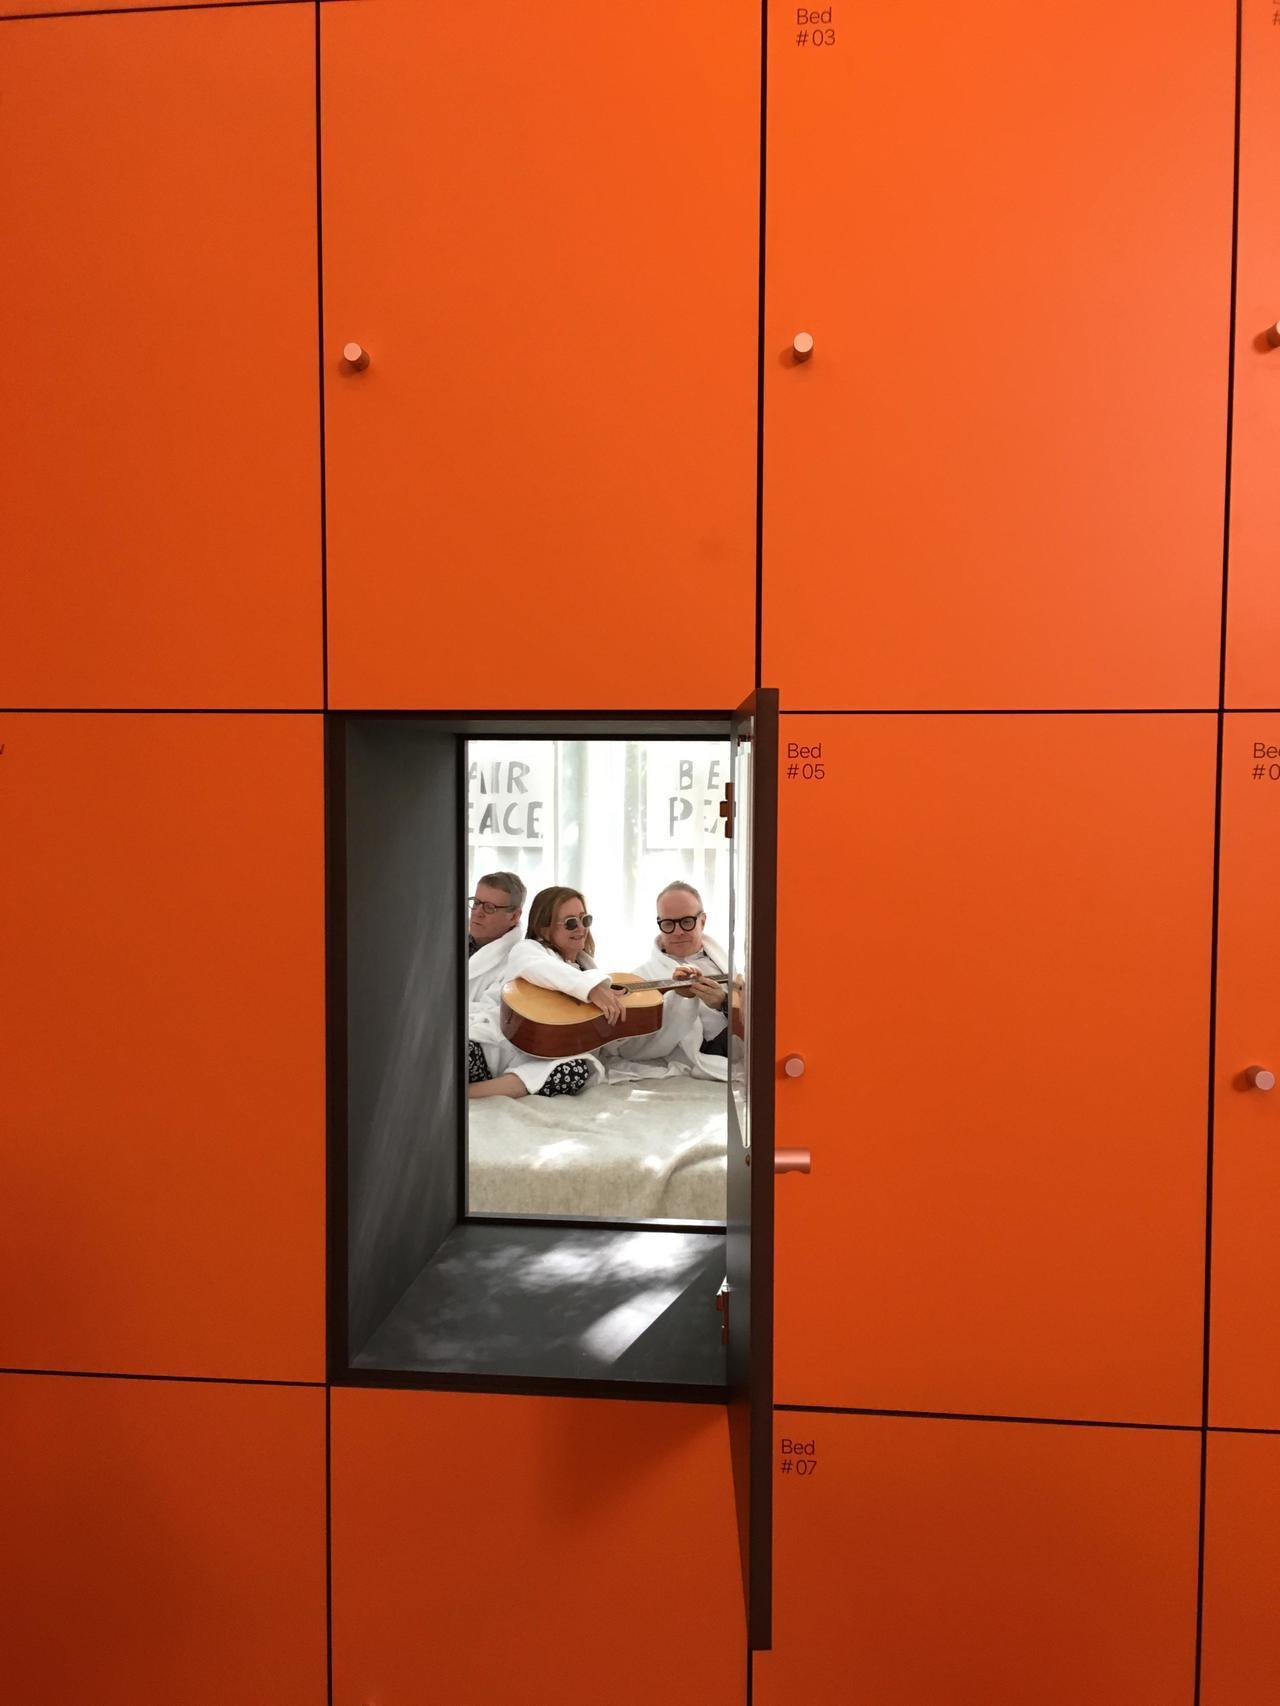 荷蘭館布滿櫃子,打開不同櫃門,如見不同世界。記者何定照/攝影